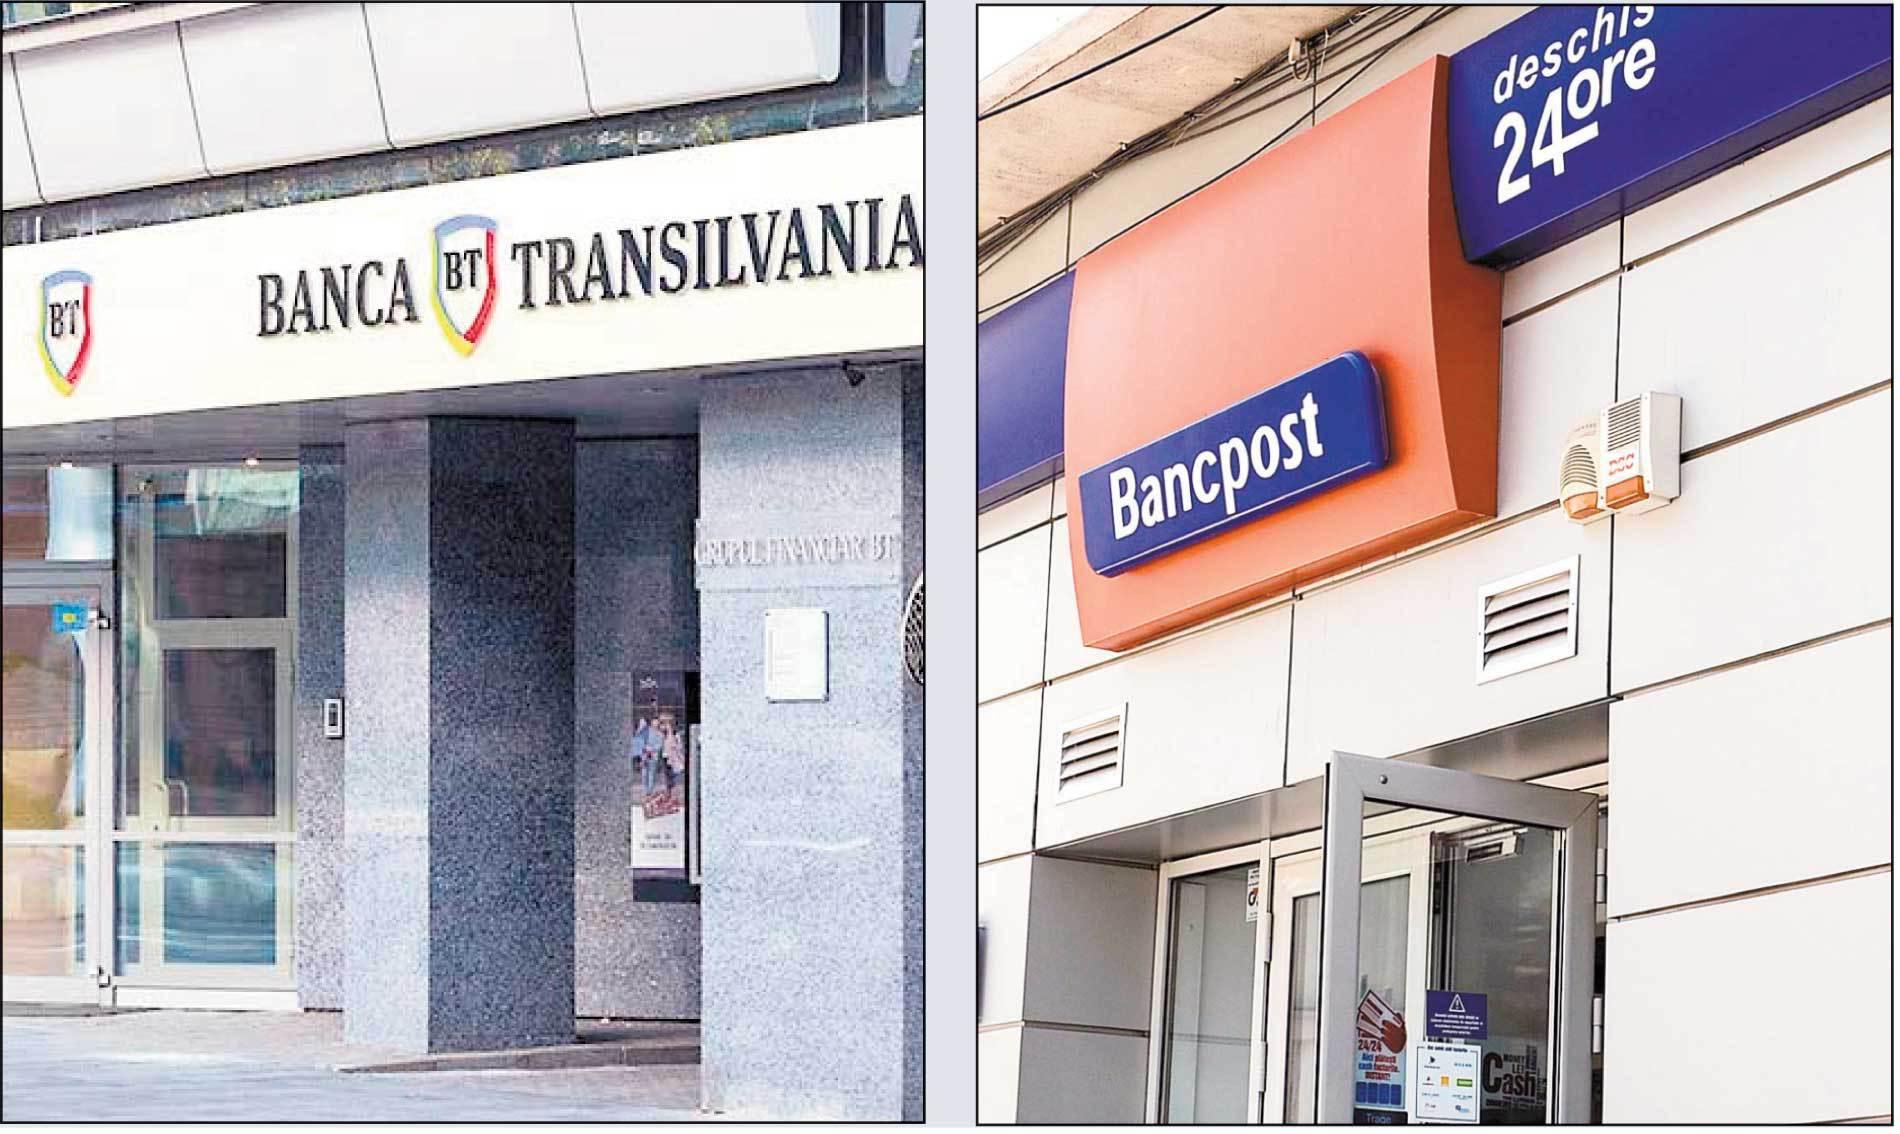 Cum ar arăta banca rezultată dintr-o tranzacţie Banca Transilvania - Bancpost, care va ataca poziţia de lider deţinută de BCR?